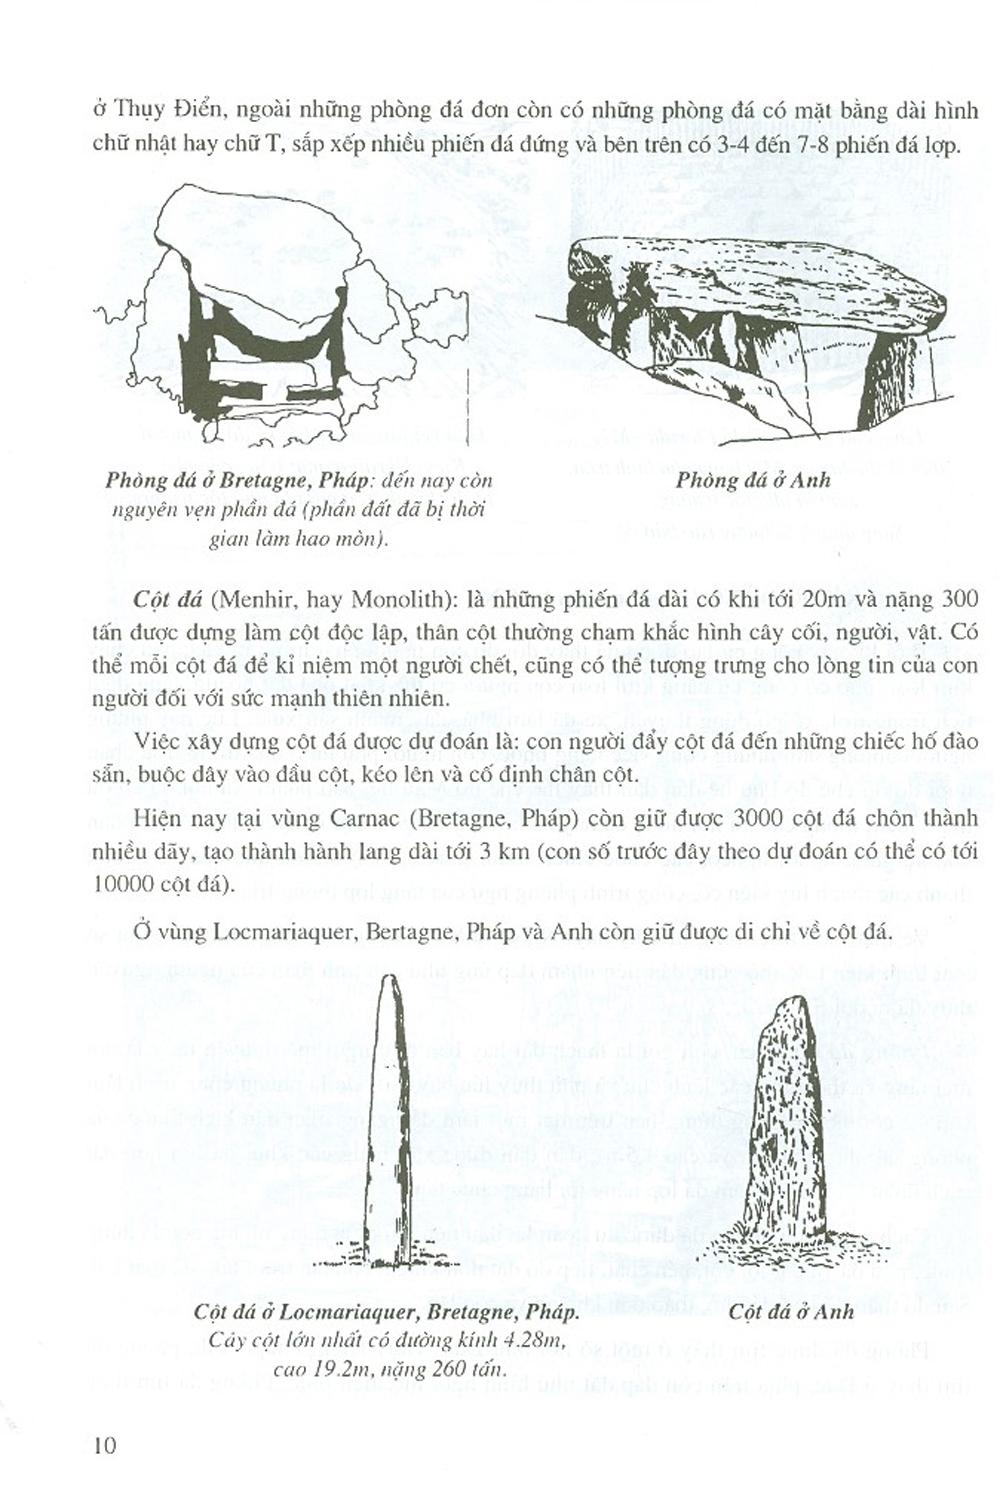 Giáo Trình Lịch Sử Kiến Trúc Thế Giới - Tập 1 (Tái bản năm 2020)